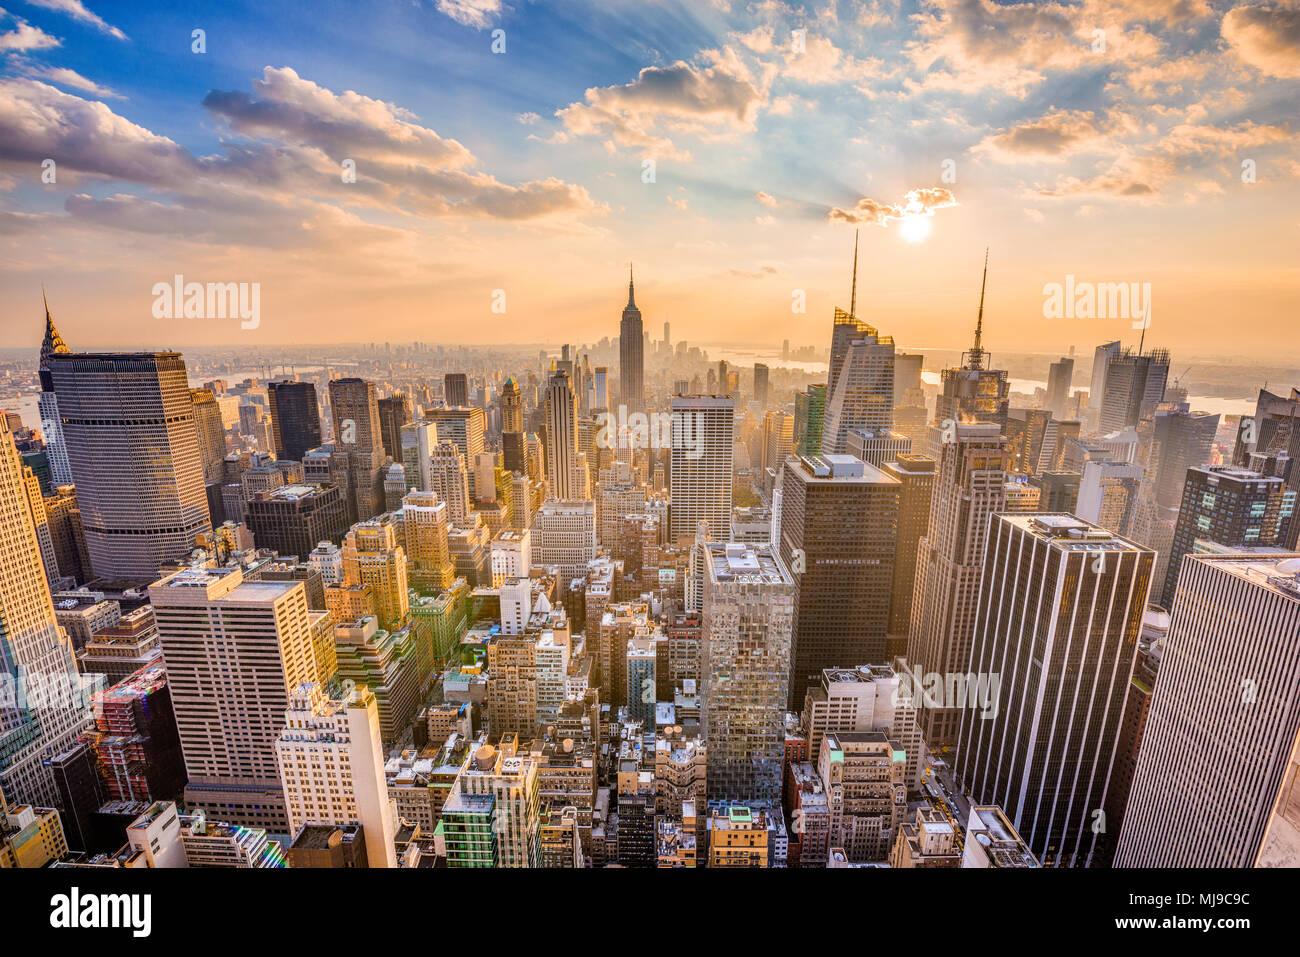 Nueva York, Nueva York, Estados Unidos midtown Manhattan. Imagen De Stock